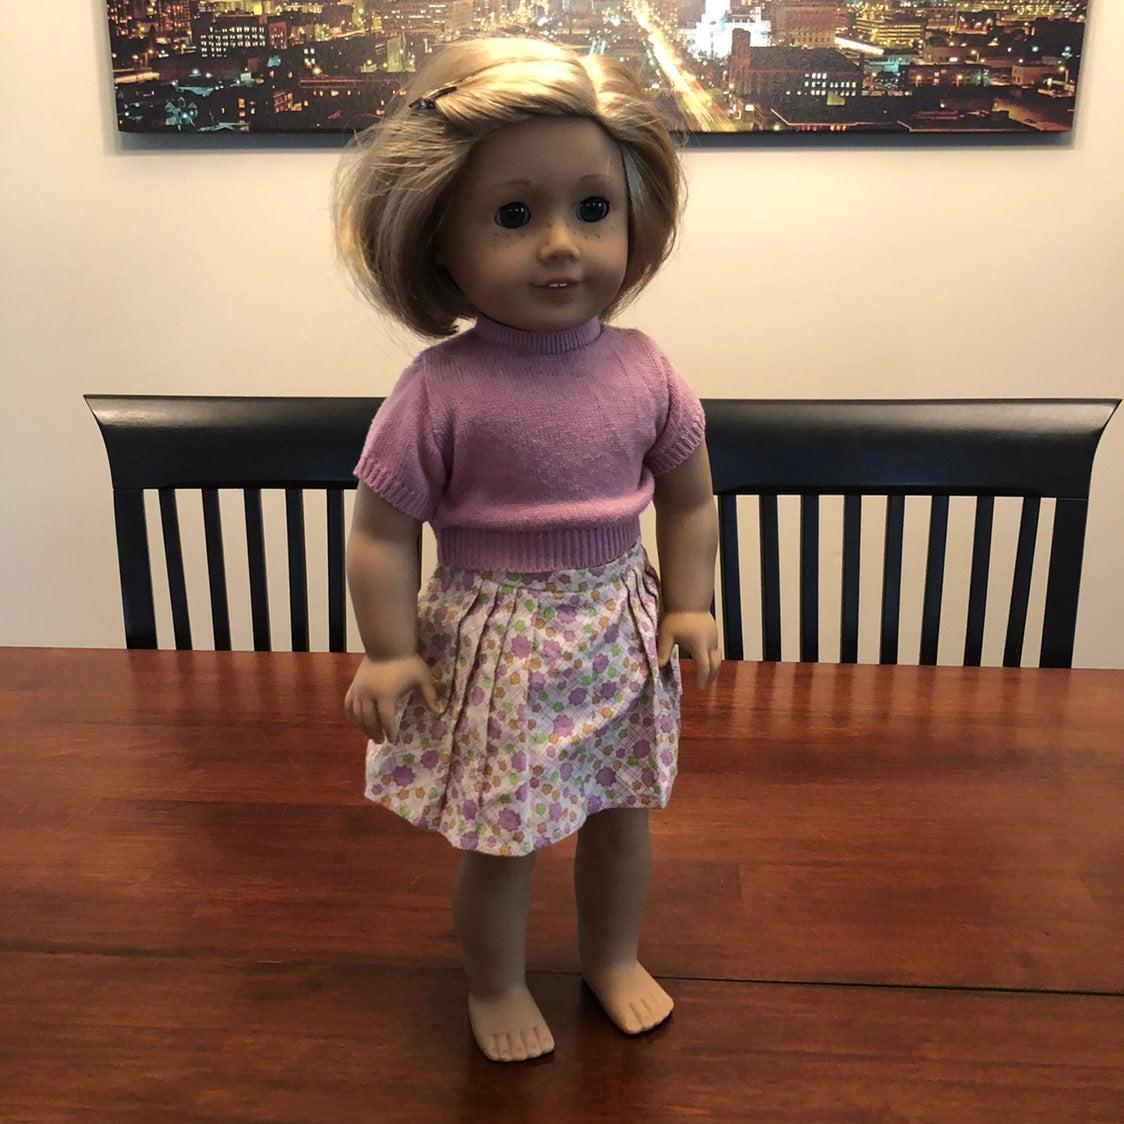 American Girl Kit Kittredge Doll